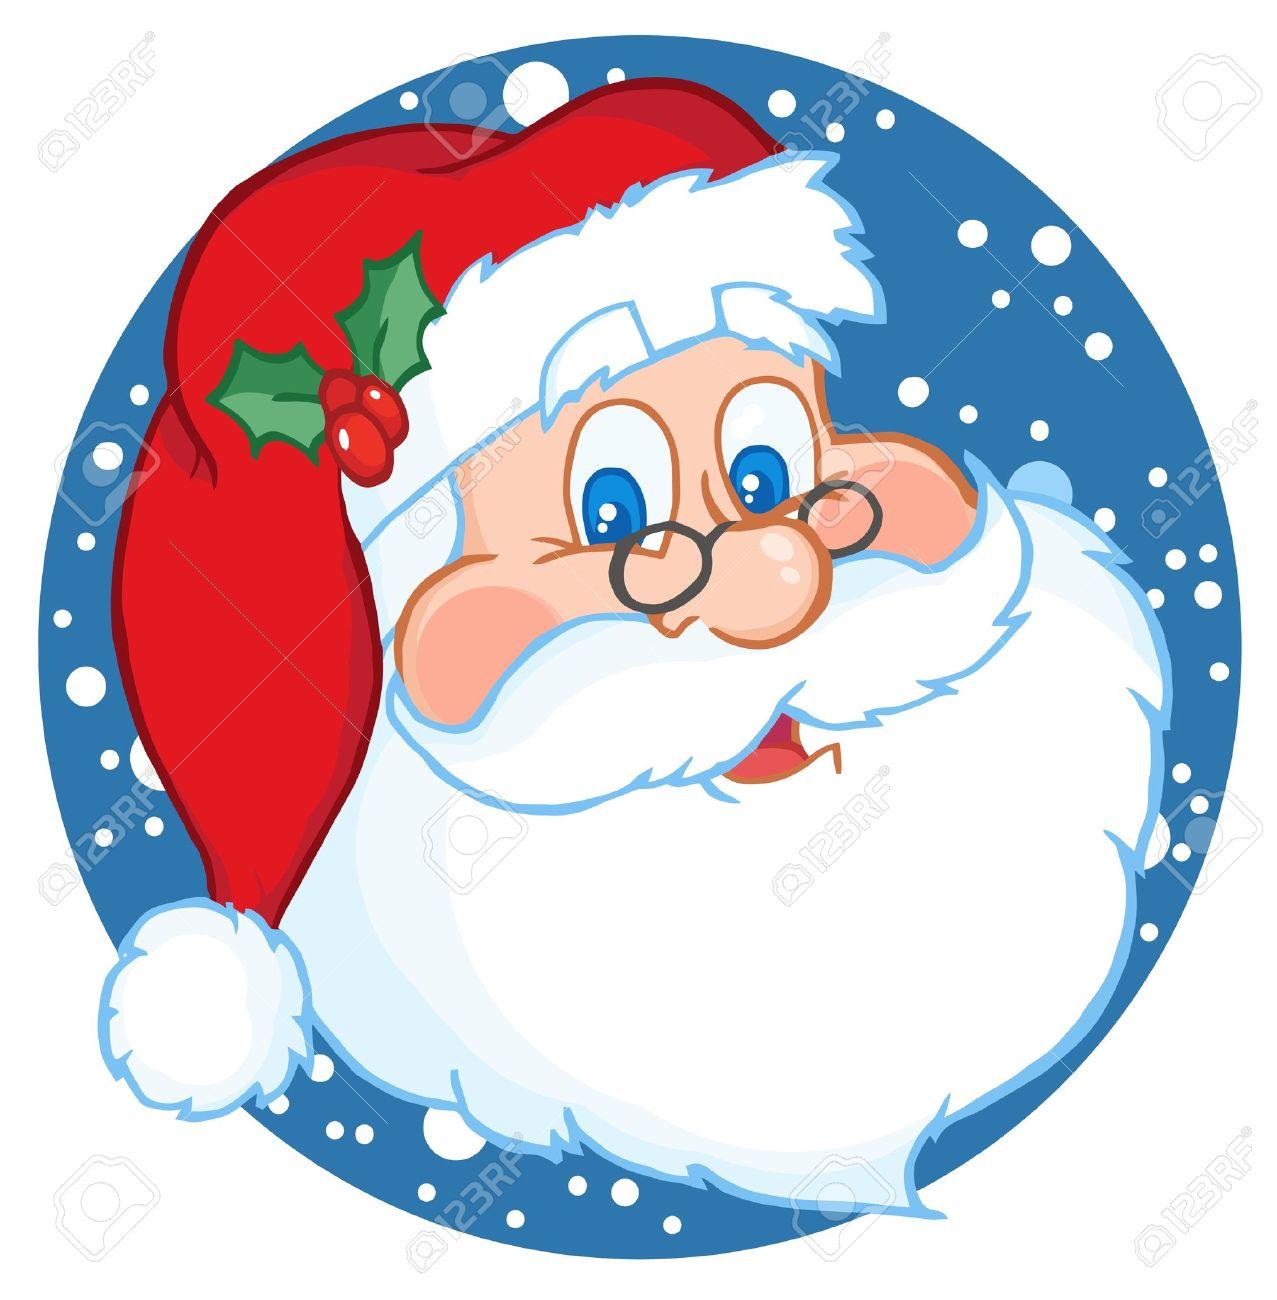 1277x1300 17,971 Santa Face Cliparts, Stock Vector And Royalty Free Santa